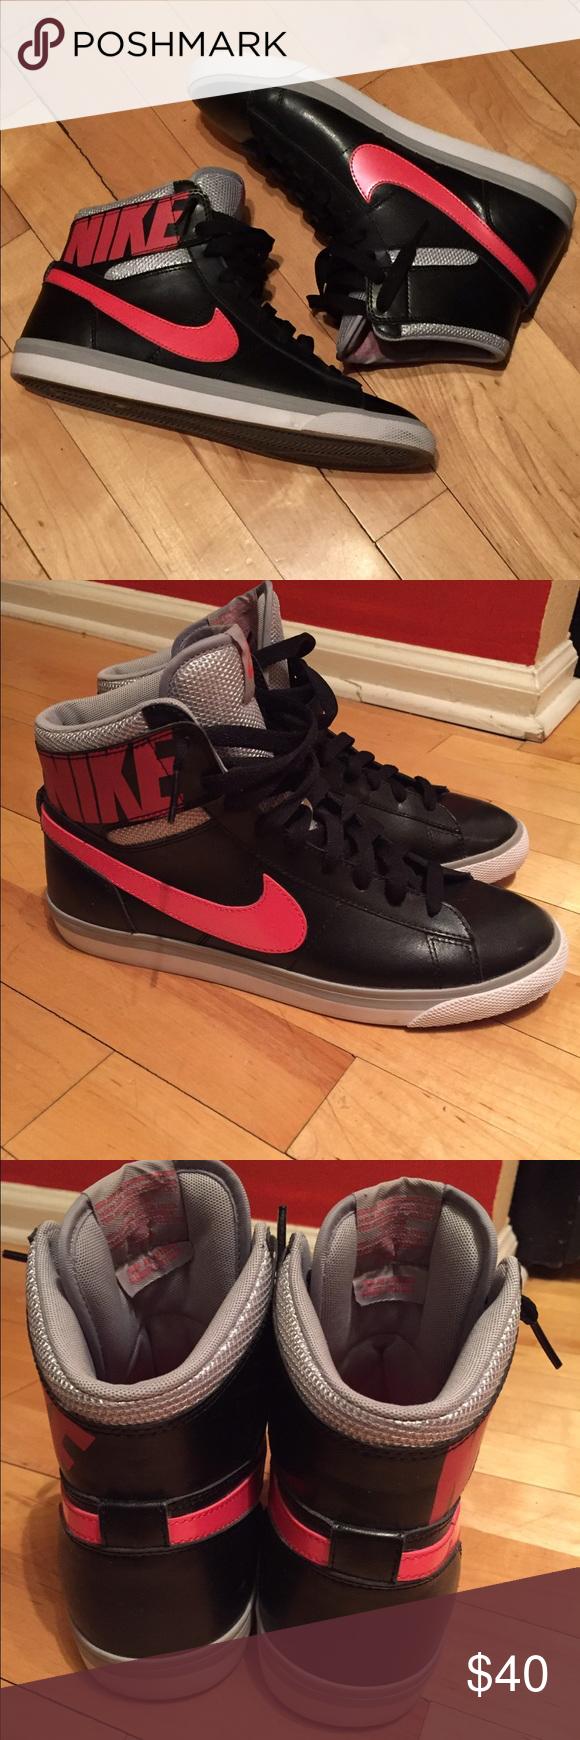 70ea8eb8aeea Nike Match Supreme Hi Leather Sneakers - RARE! Nike Match Supreme Hi  Leather Sneakers! High-Top. Rare! Pink